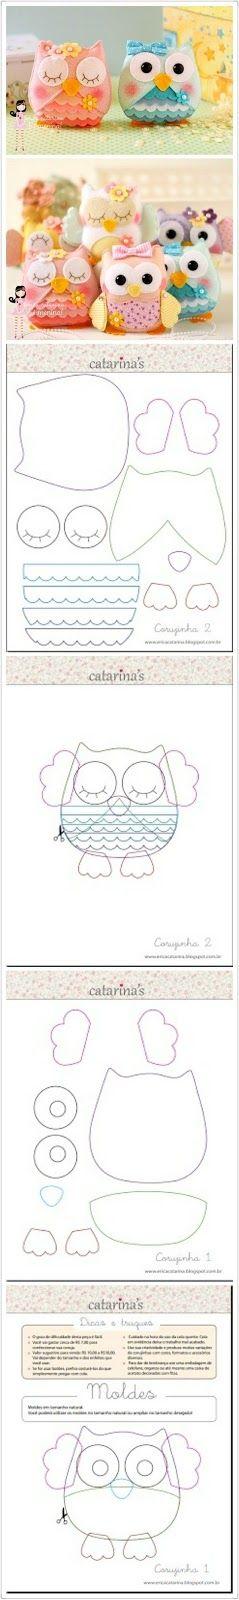 Éste es un simpático tutorial para hacer un bonito peluche de fieltro con forma de búho. Con el patrón gratis.